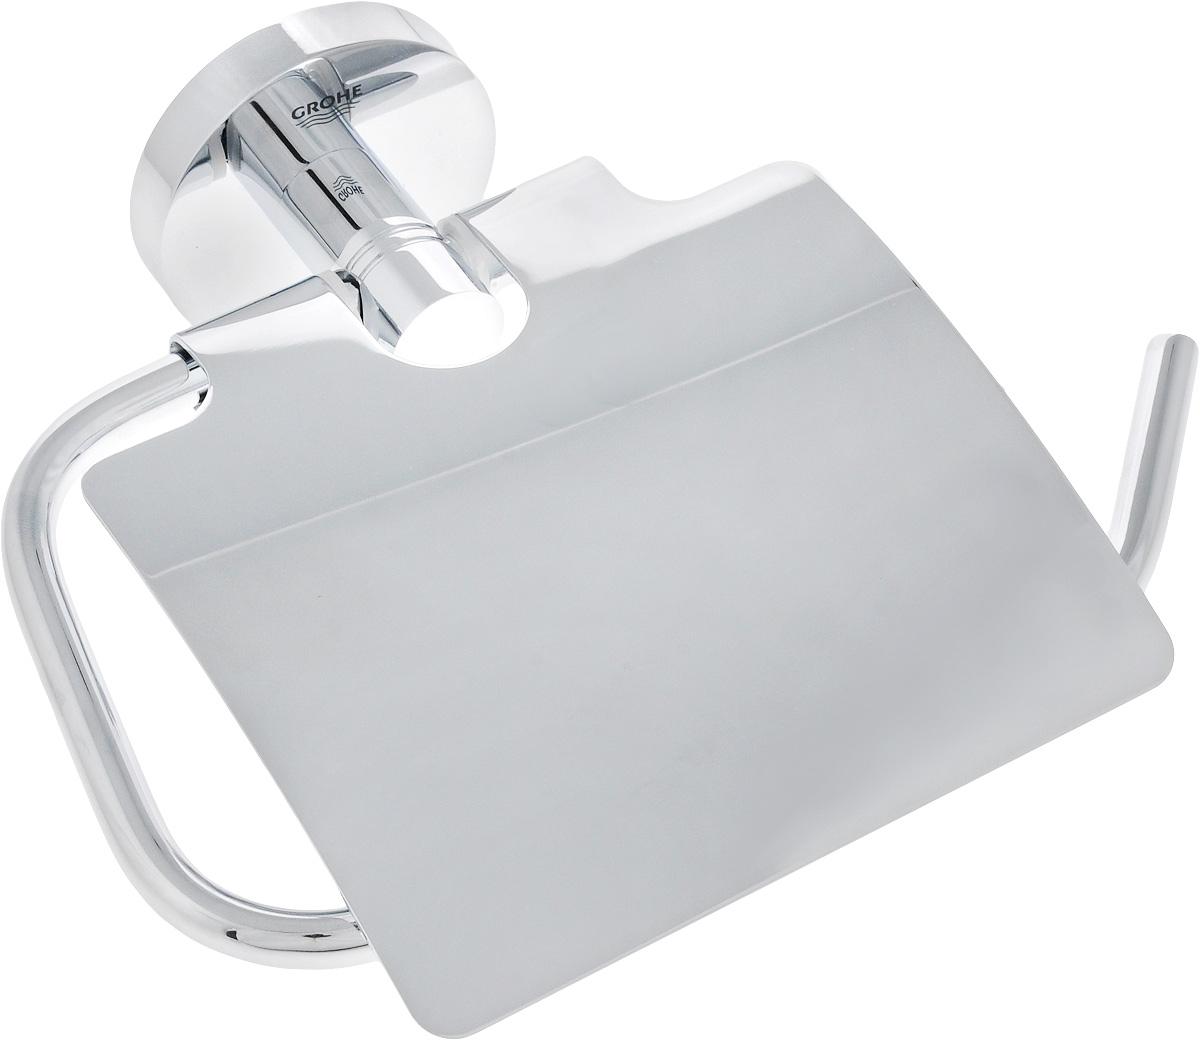 """Держатель для туалетной бумаги с крышкой Grohe """"Essentials New"""" выполнен из высококачественного металла. Благодаря строгому и лаконичному дизайну, а также ослепительному хромированному покрытию StarLight он будет великолепно смотреться в интерьере вашей ванной комнаты долгие годы. Изделие крепится к стене при помощи шурупов (входит в комплект)."""